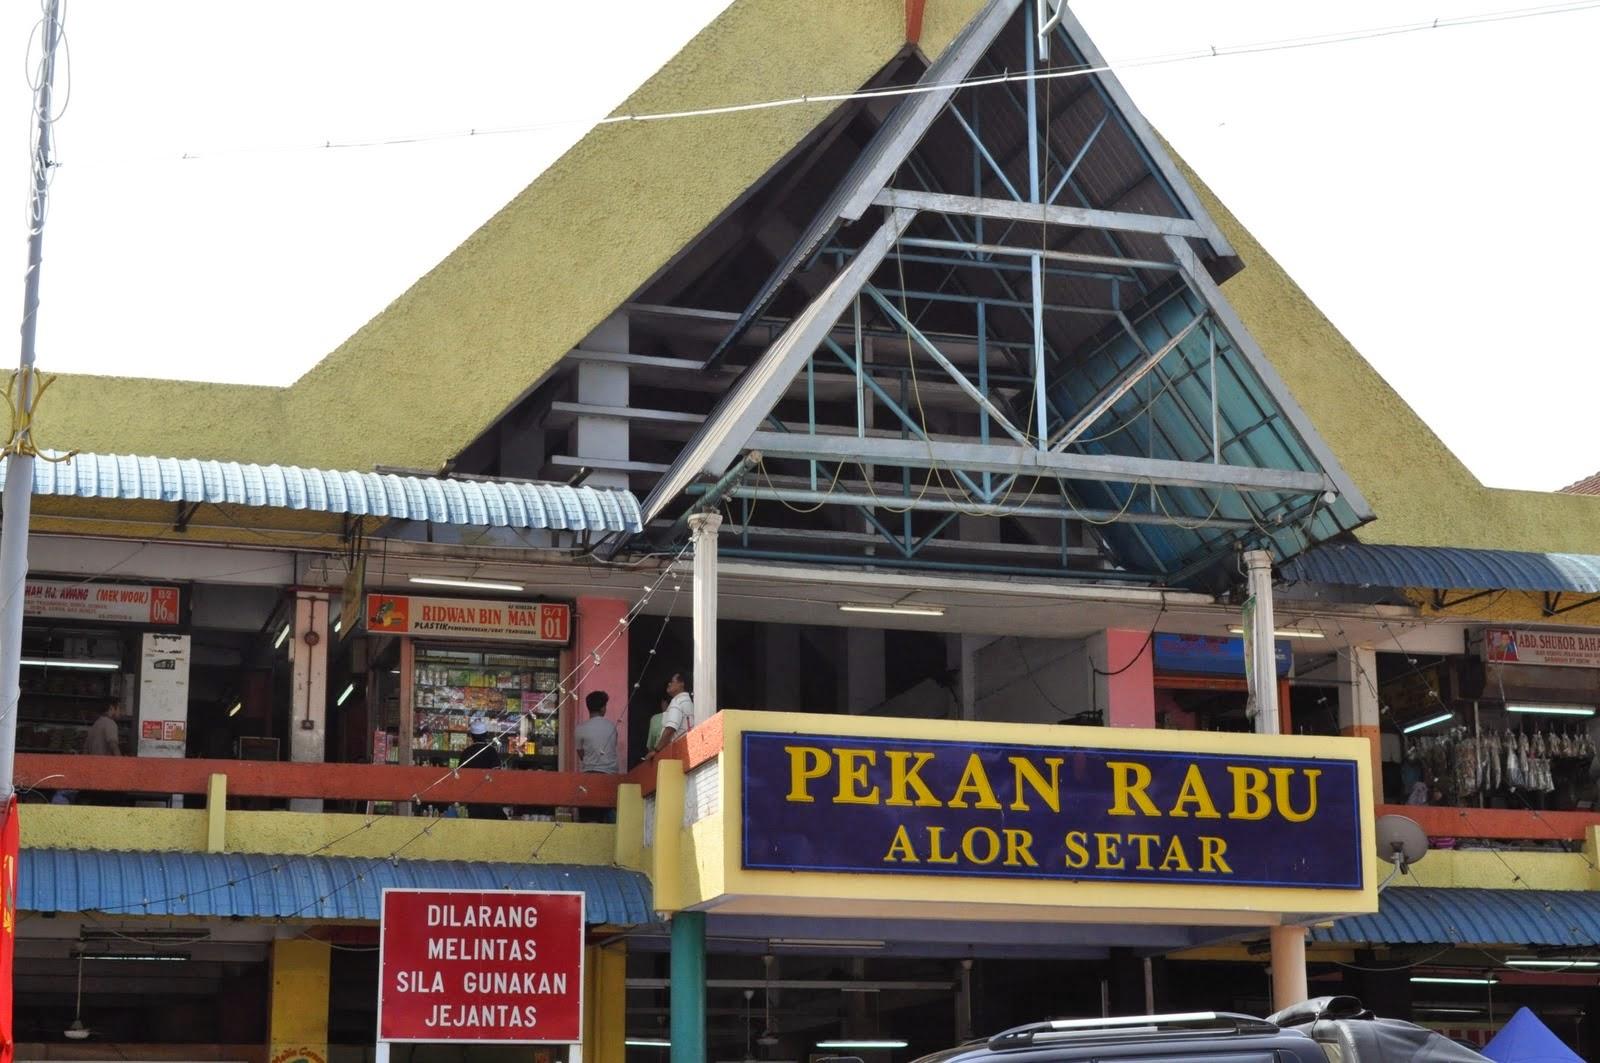 Pekan Rabu Alor Setar Kedah Dijangka Siap 2 Tahun